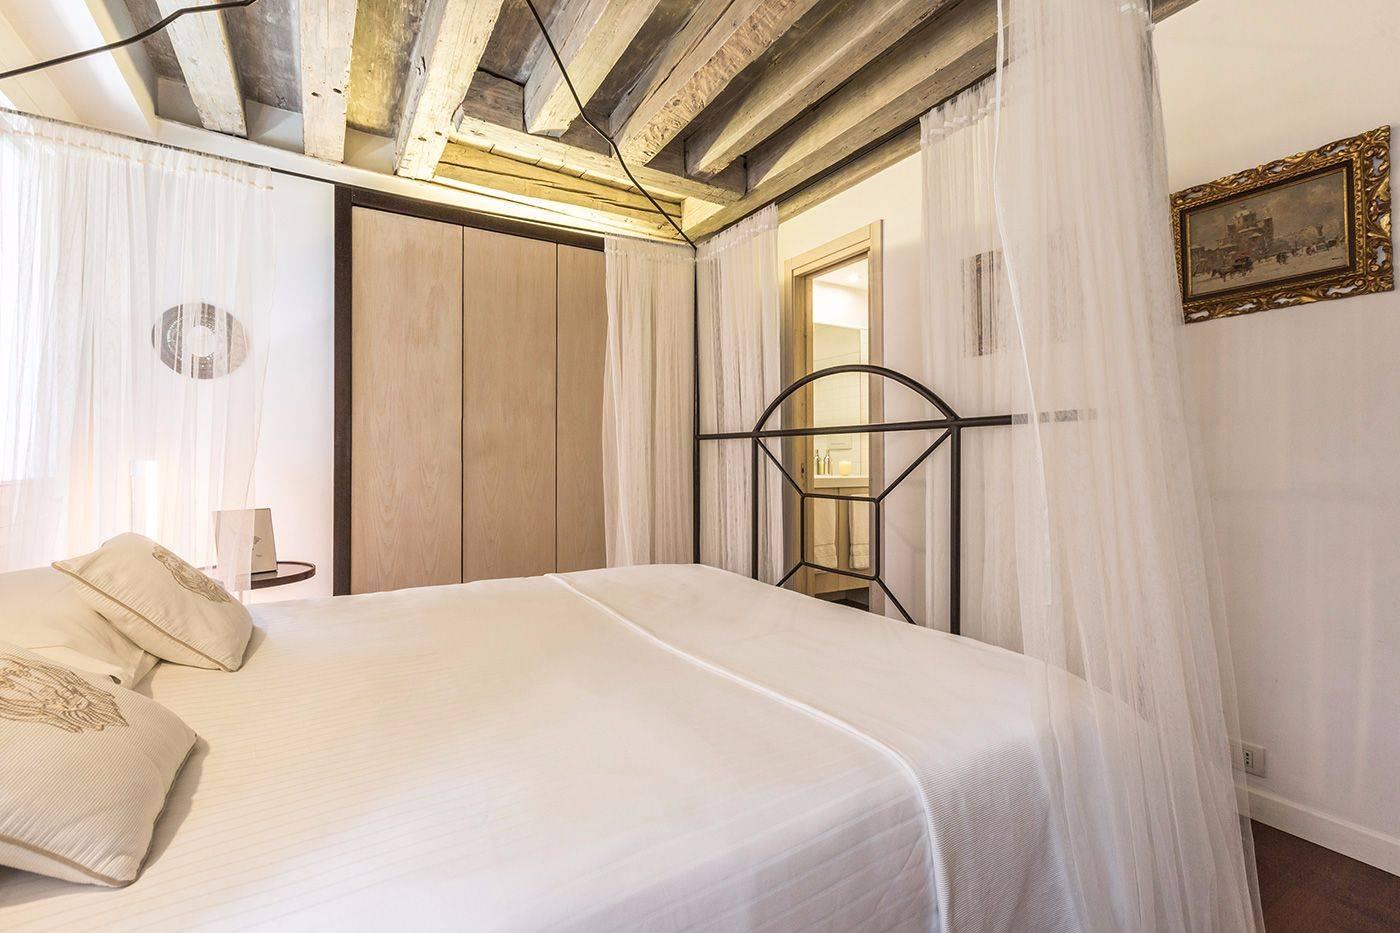 master bedroom with access to en-suite bathroom